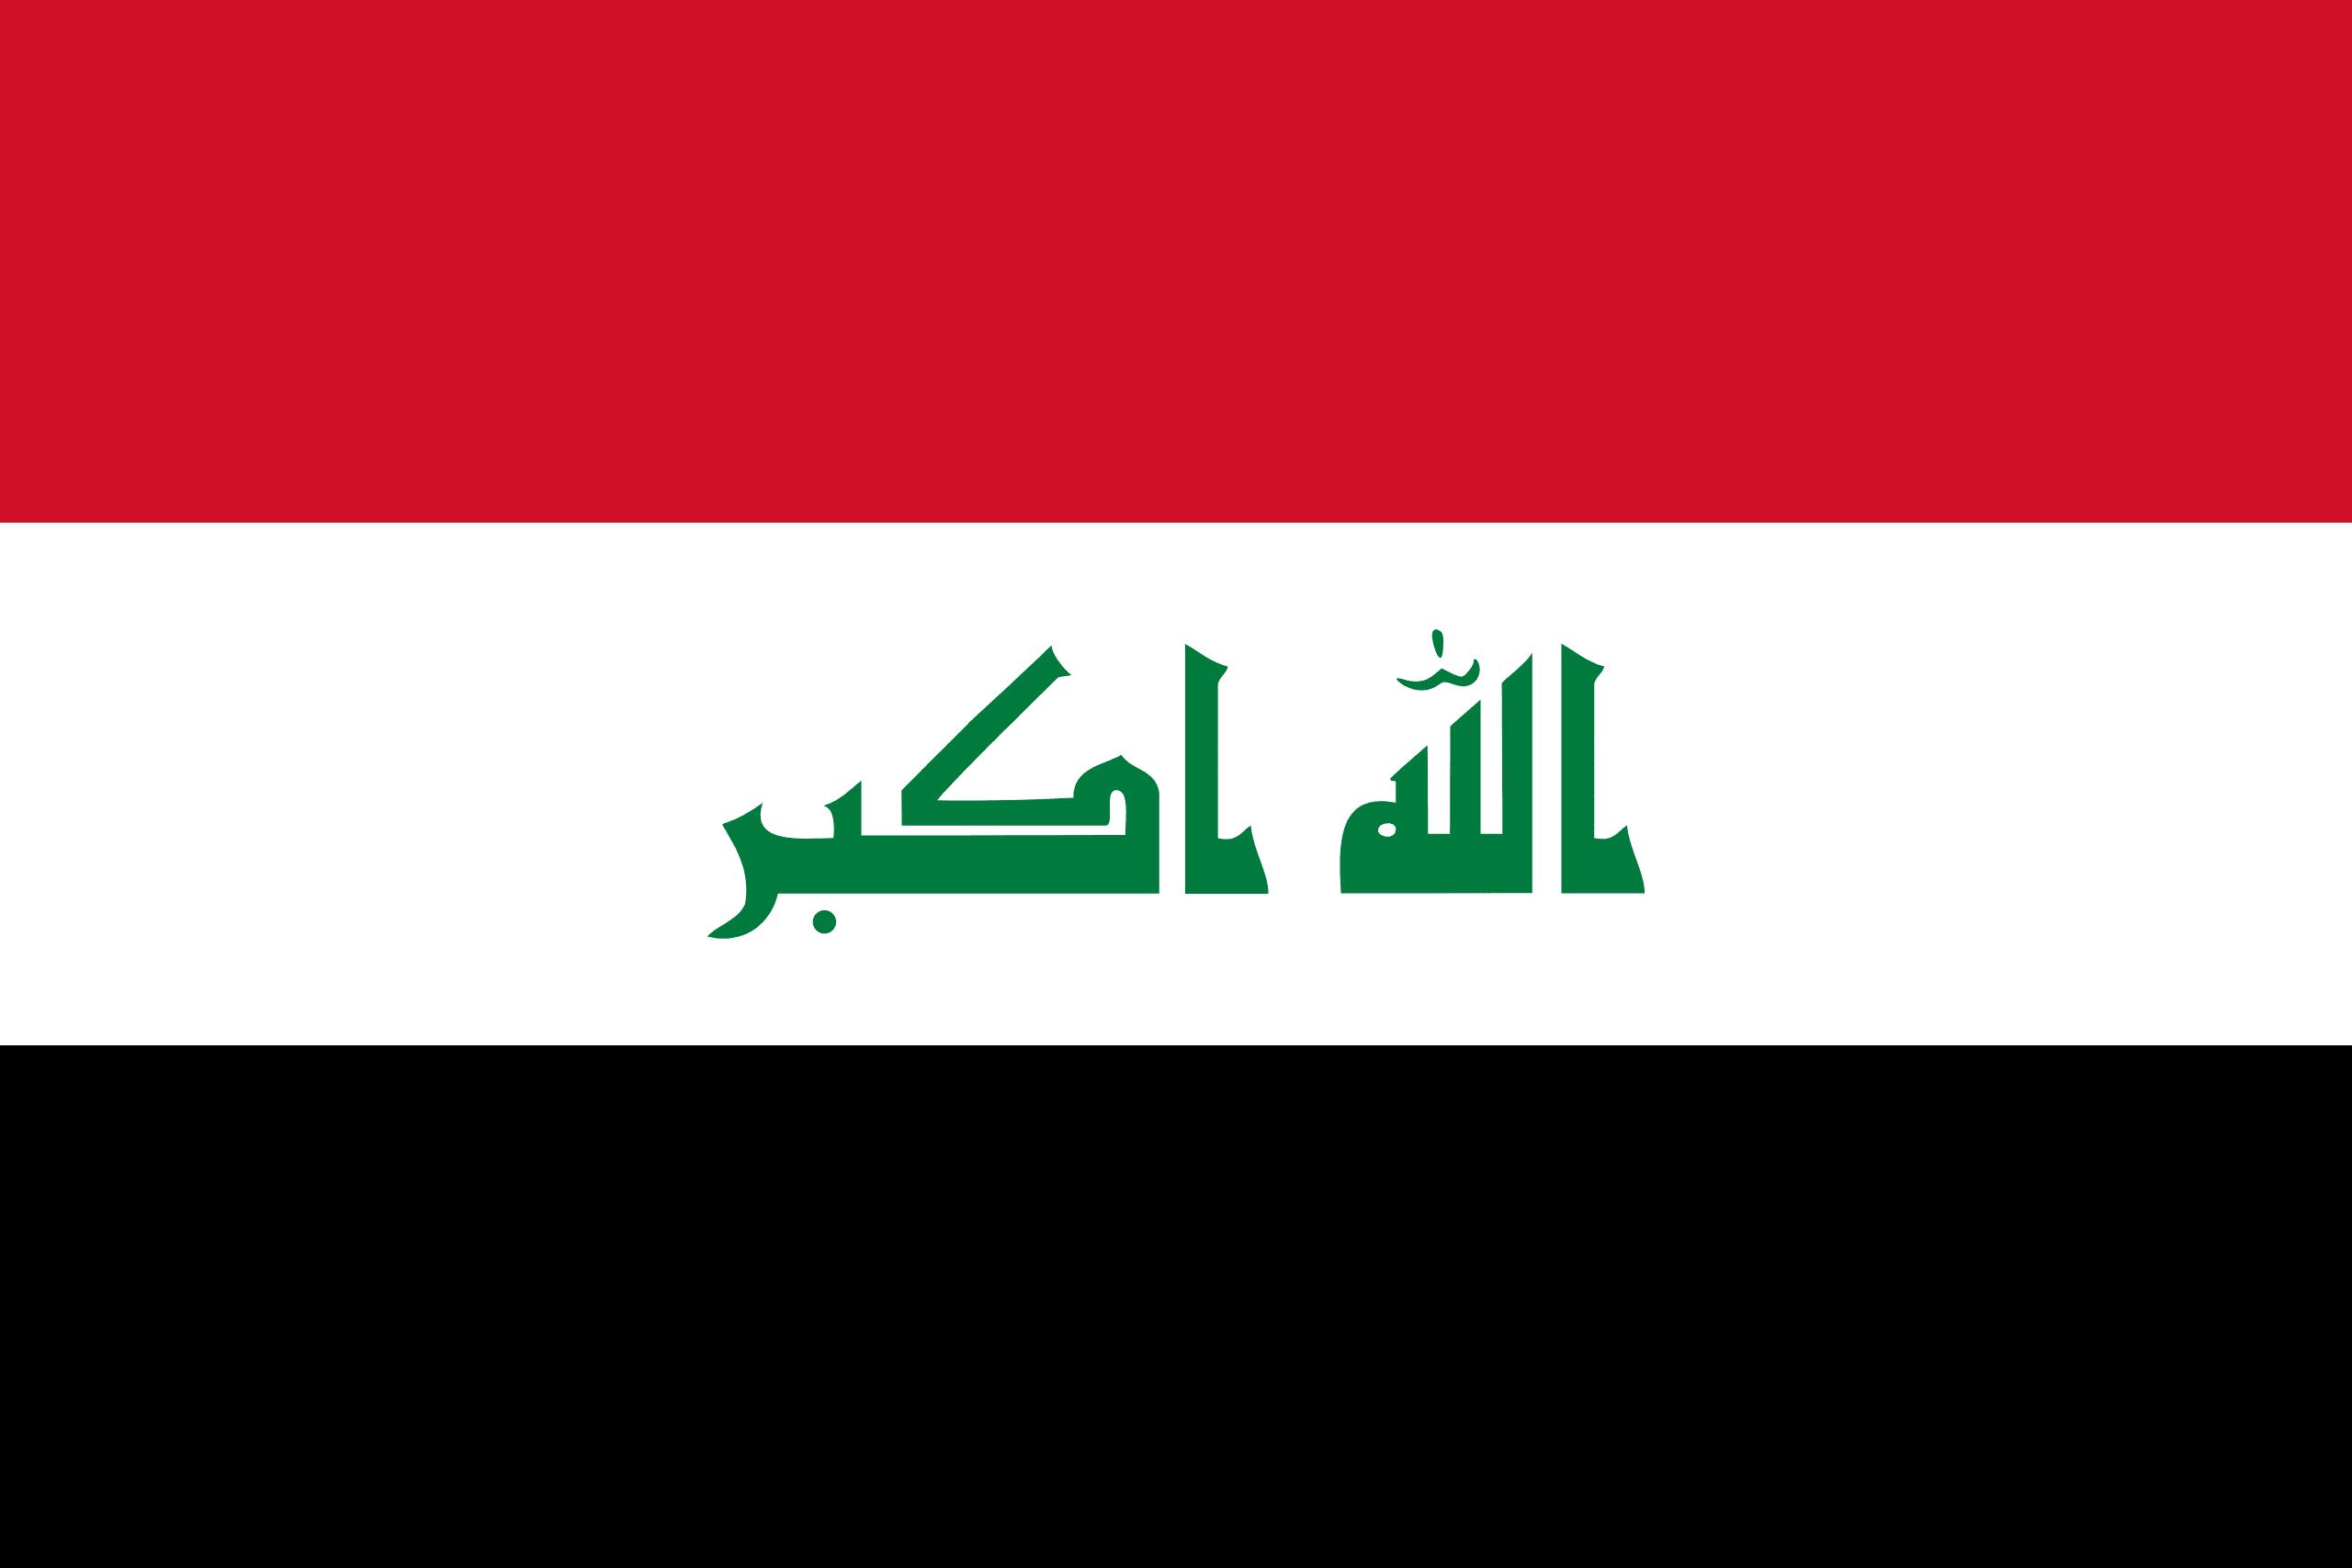 Σημαία Ιράκ